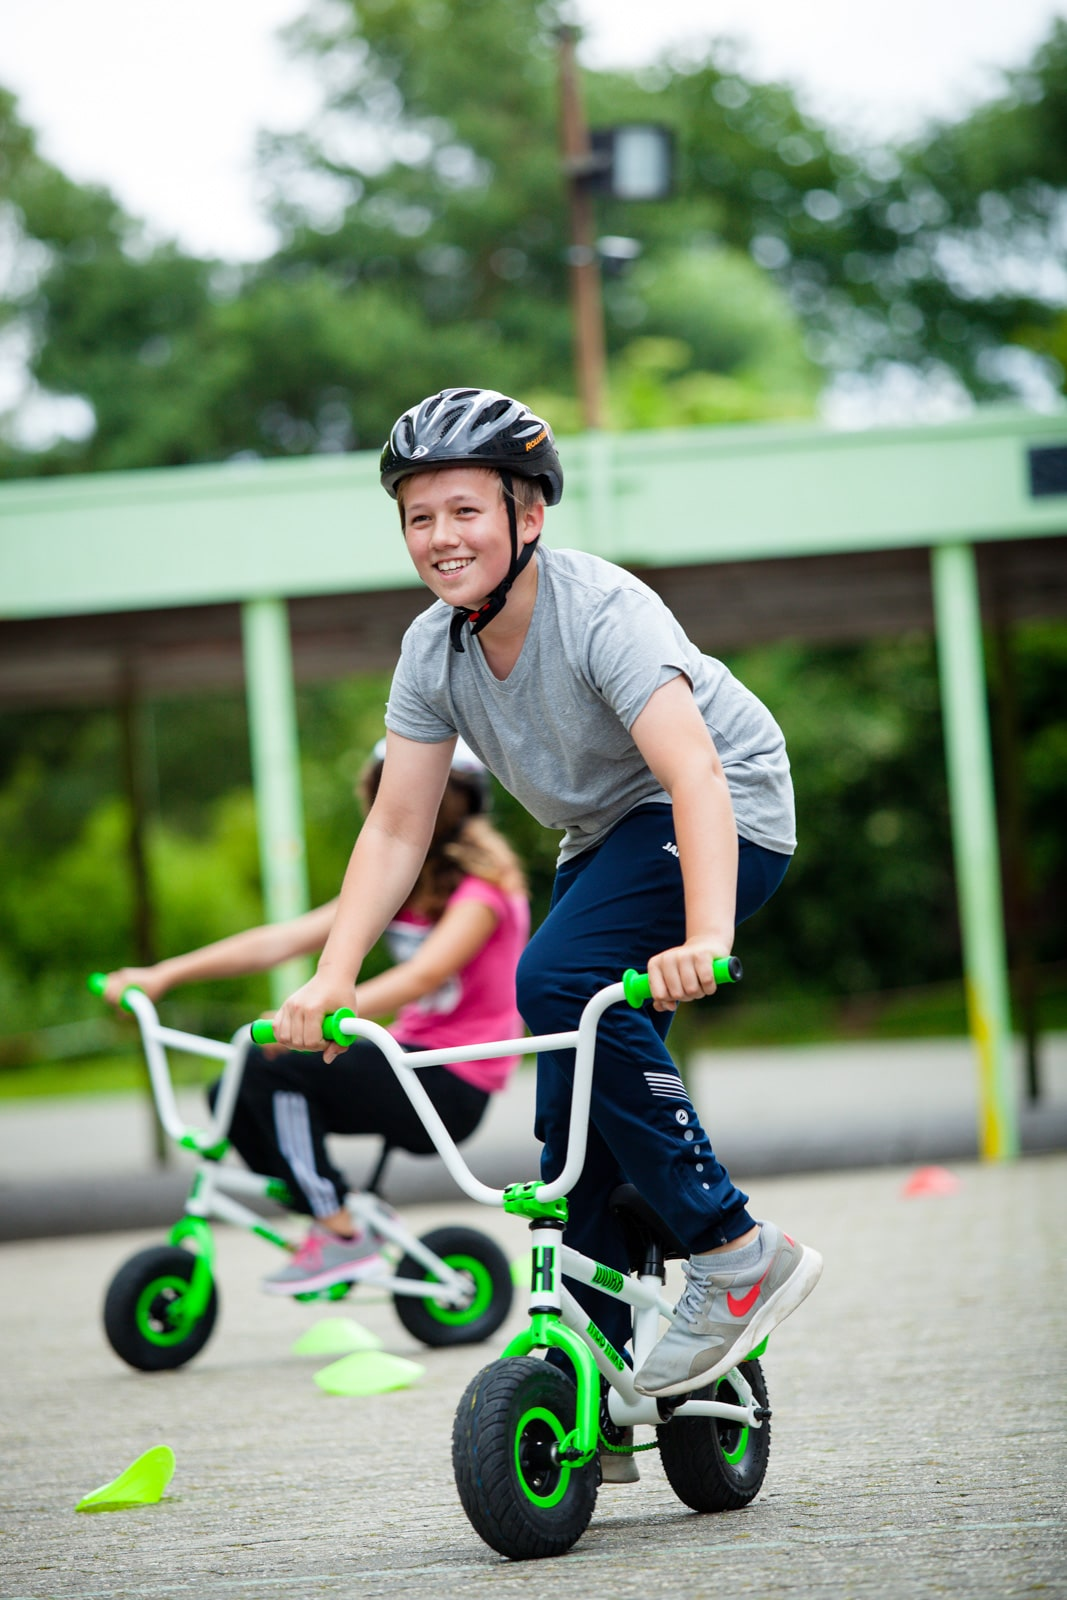 Ein Junge fährt auf einem kleinen Funwheel Farrad